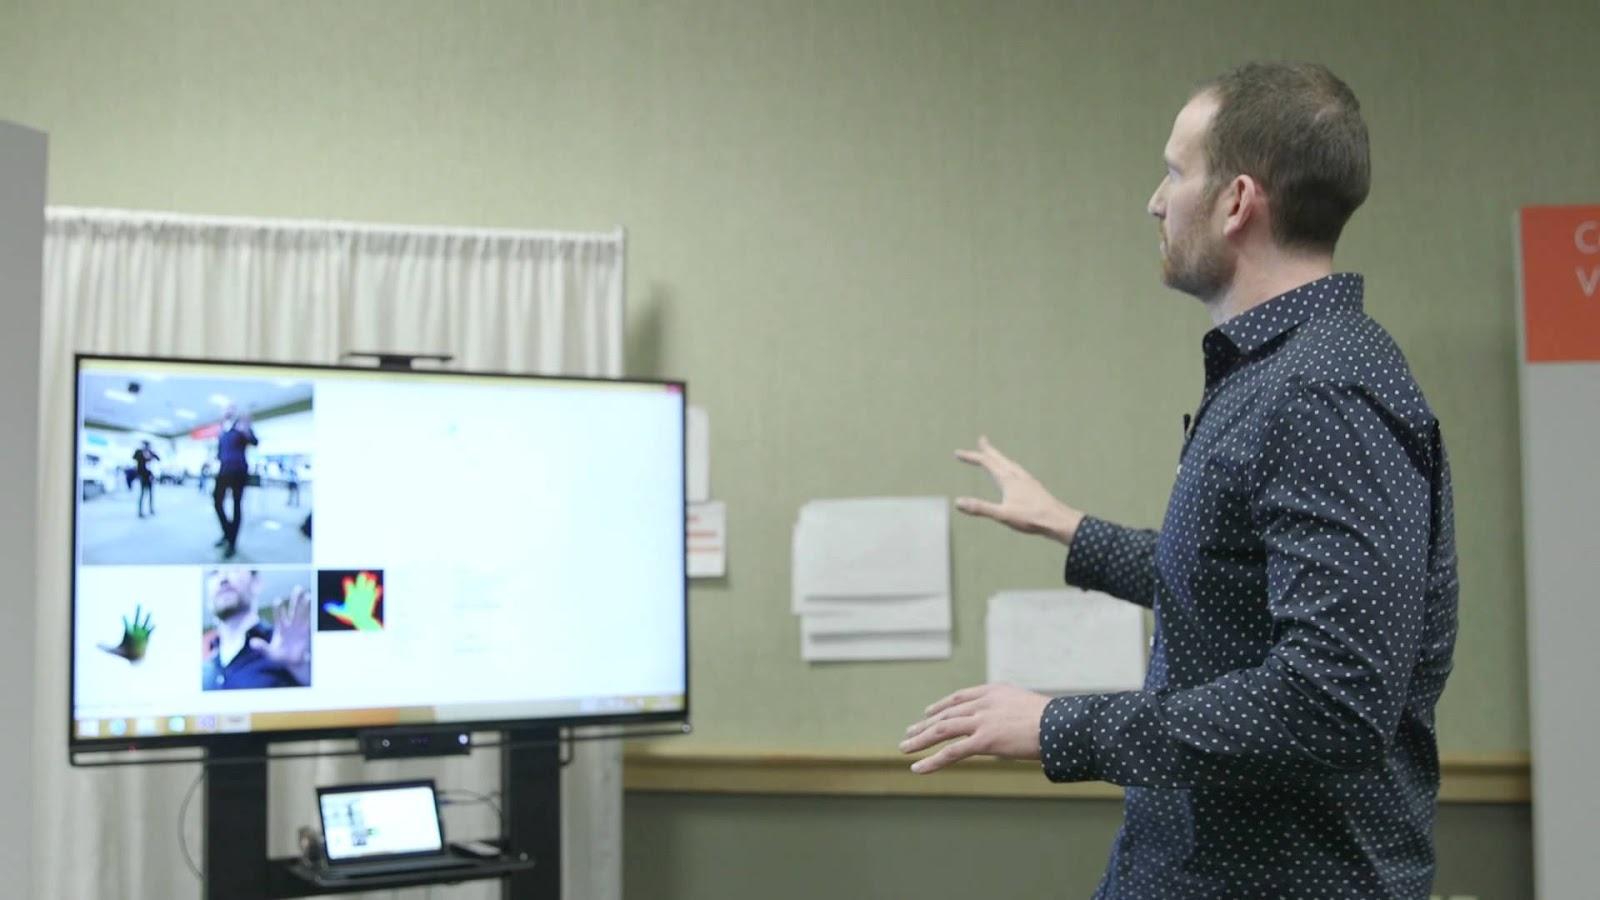 Microsoft mostra nova tecnologia de controle por gestos